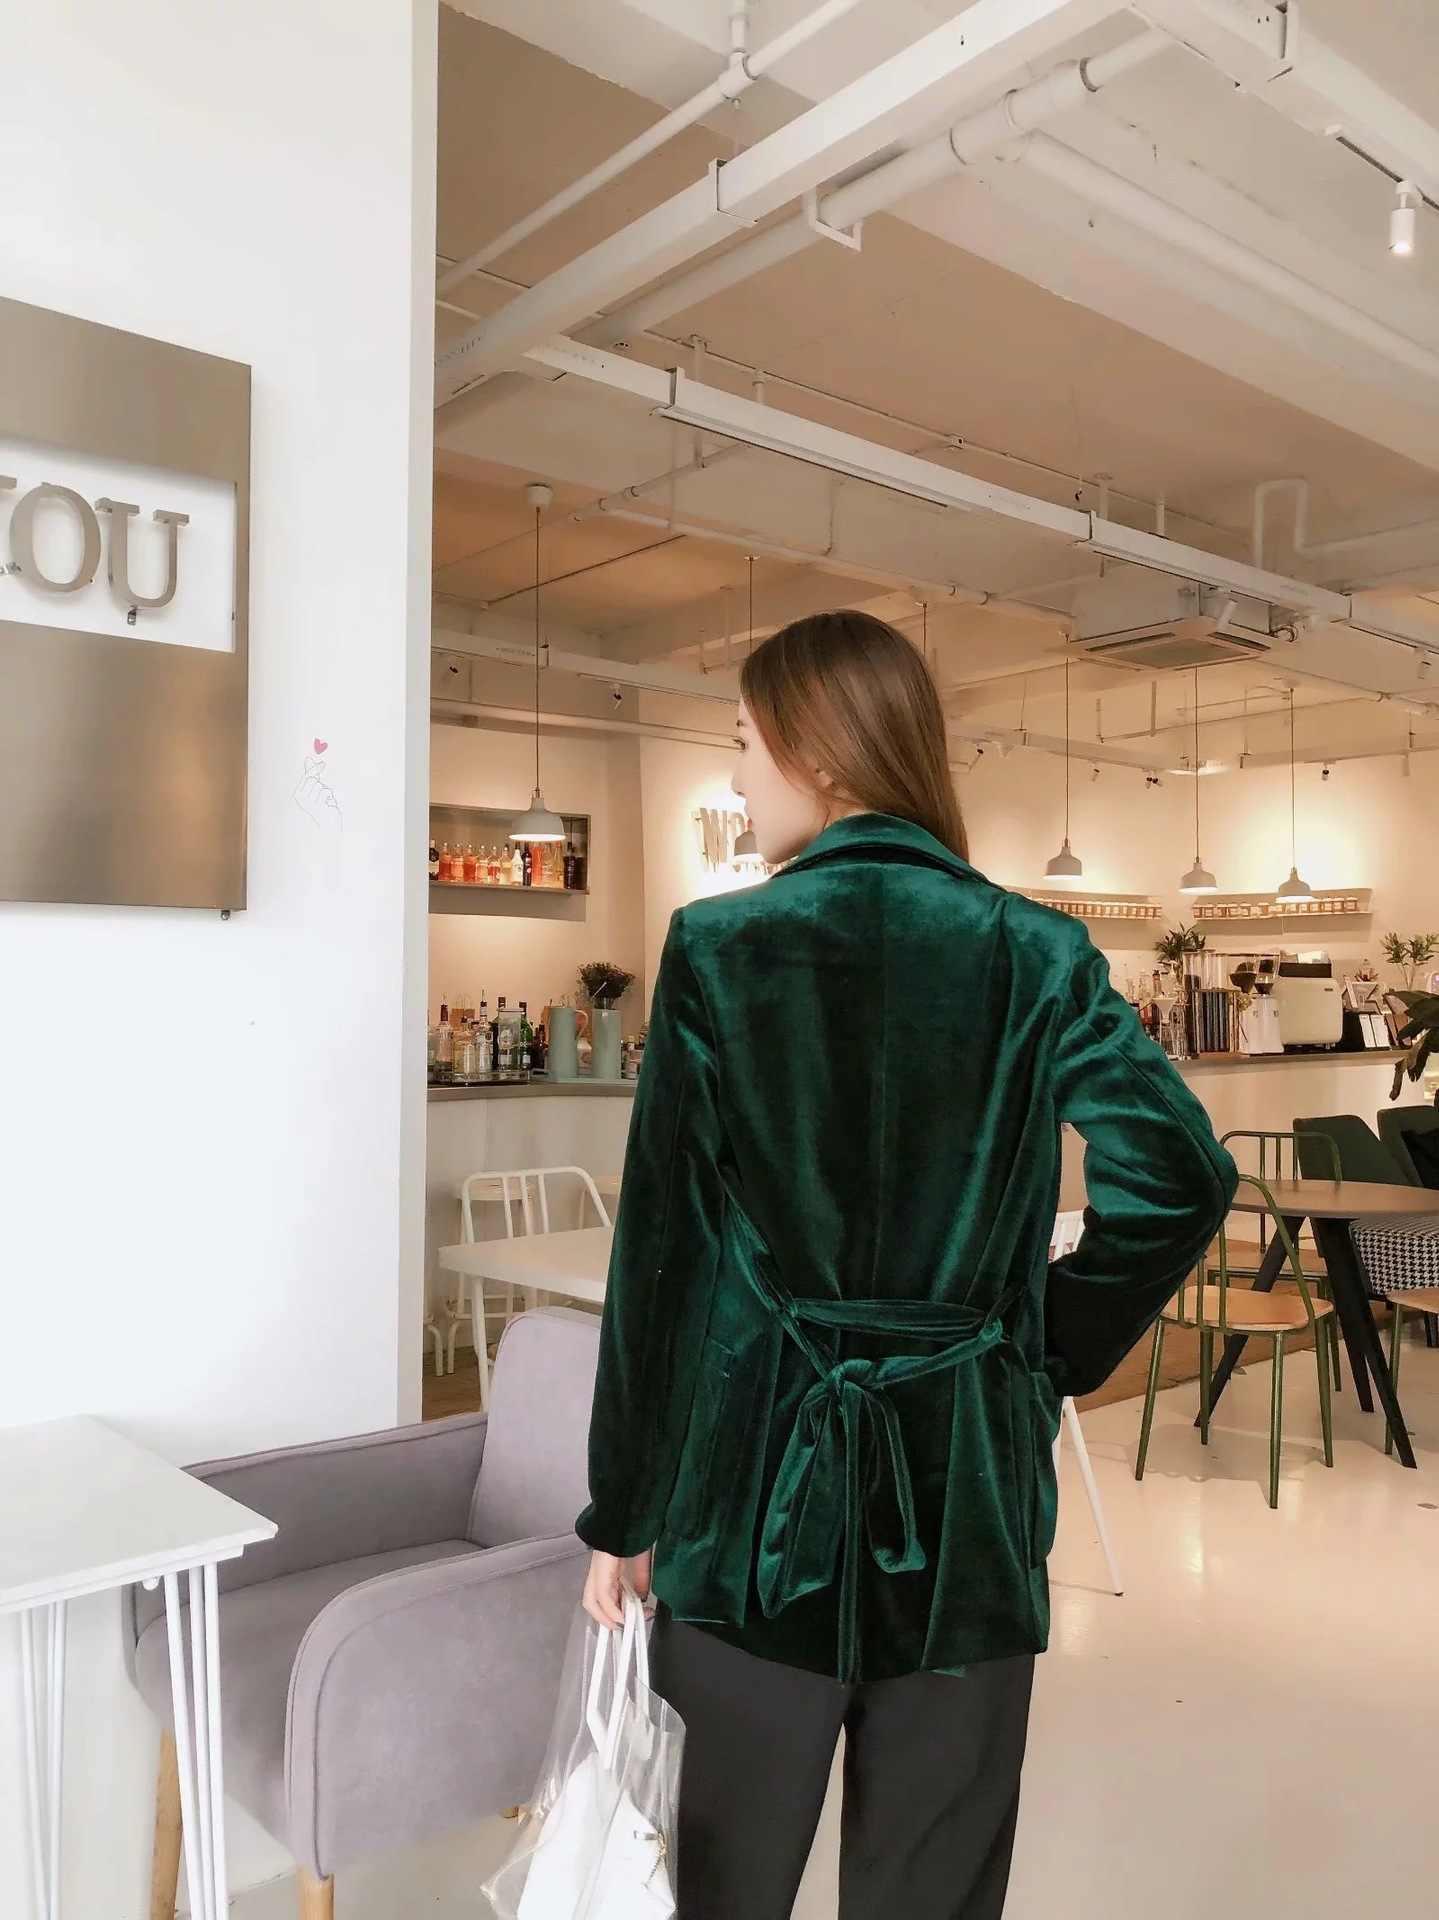 Frauen Elegante Samt Dunkelgrün Blazer Jacke mit Schärpen In Weichen Touch